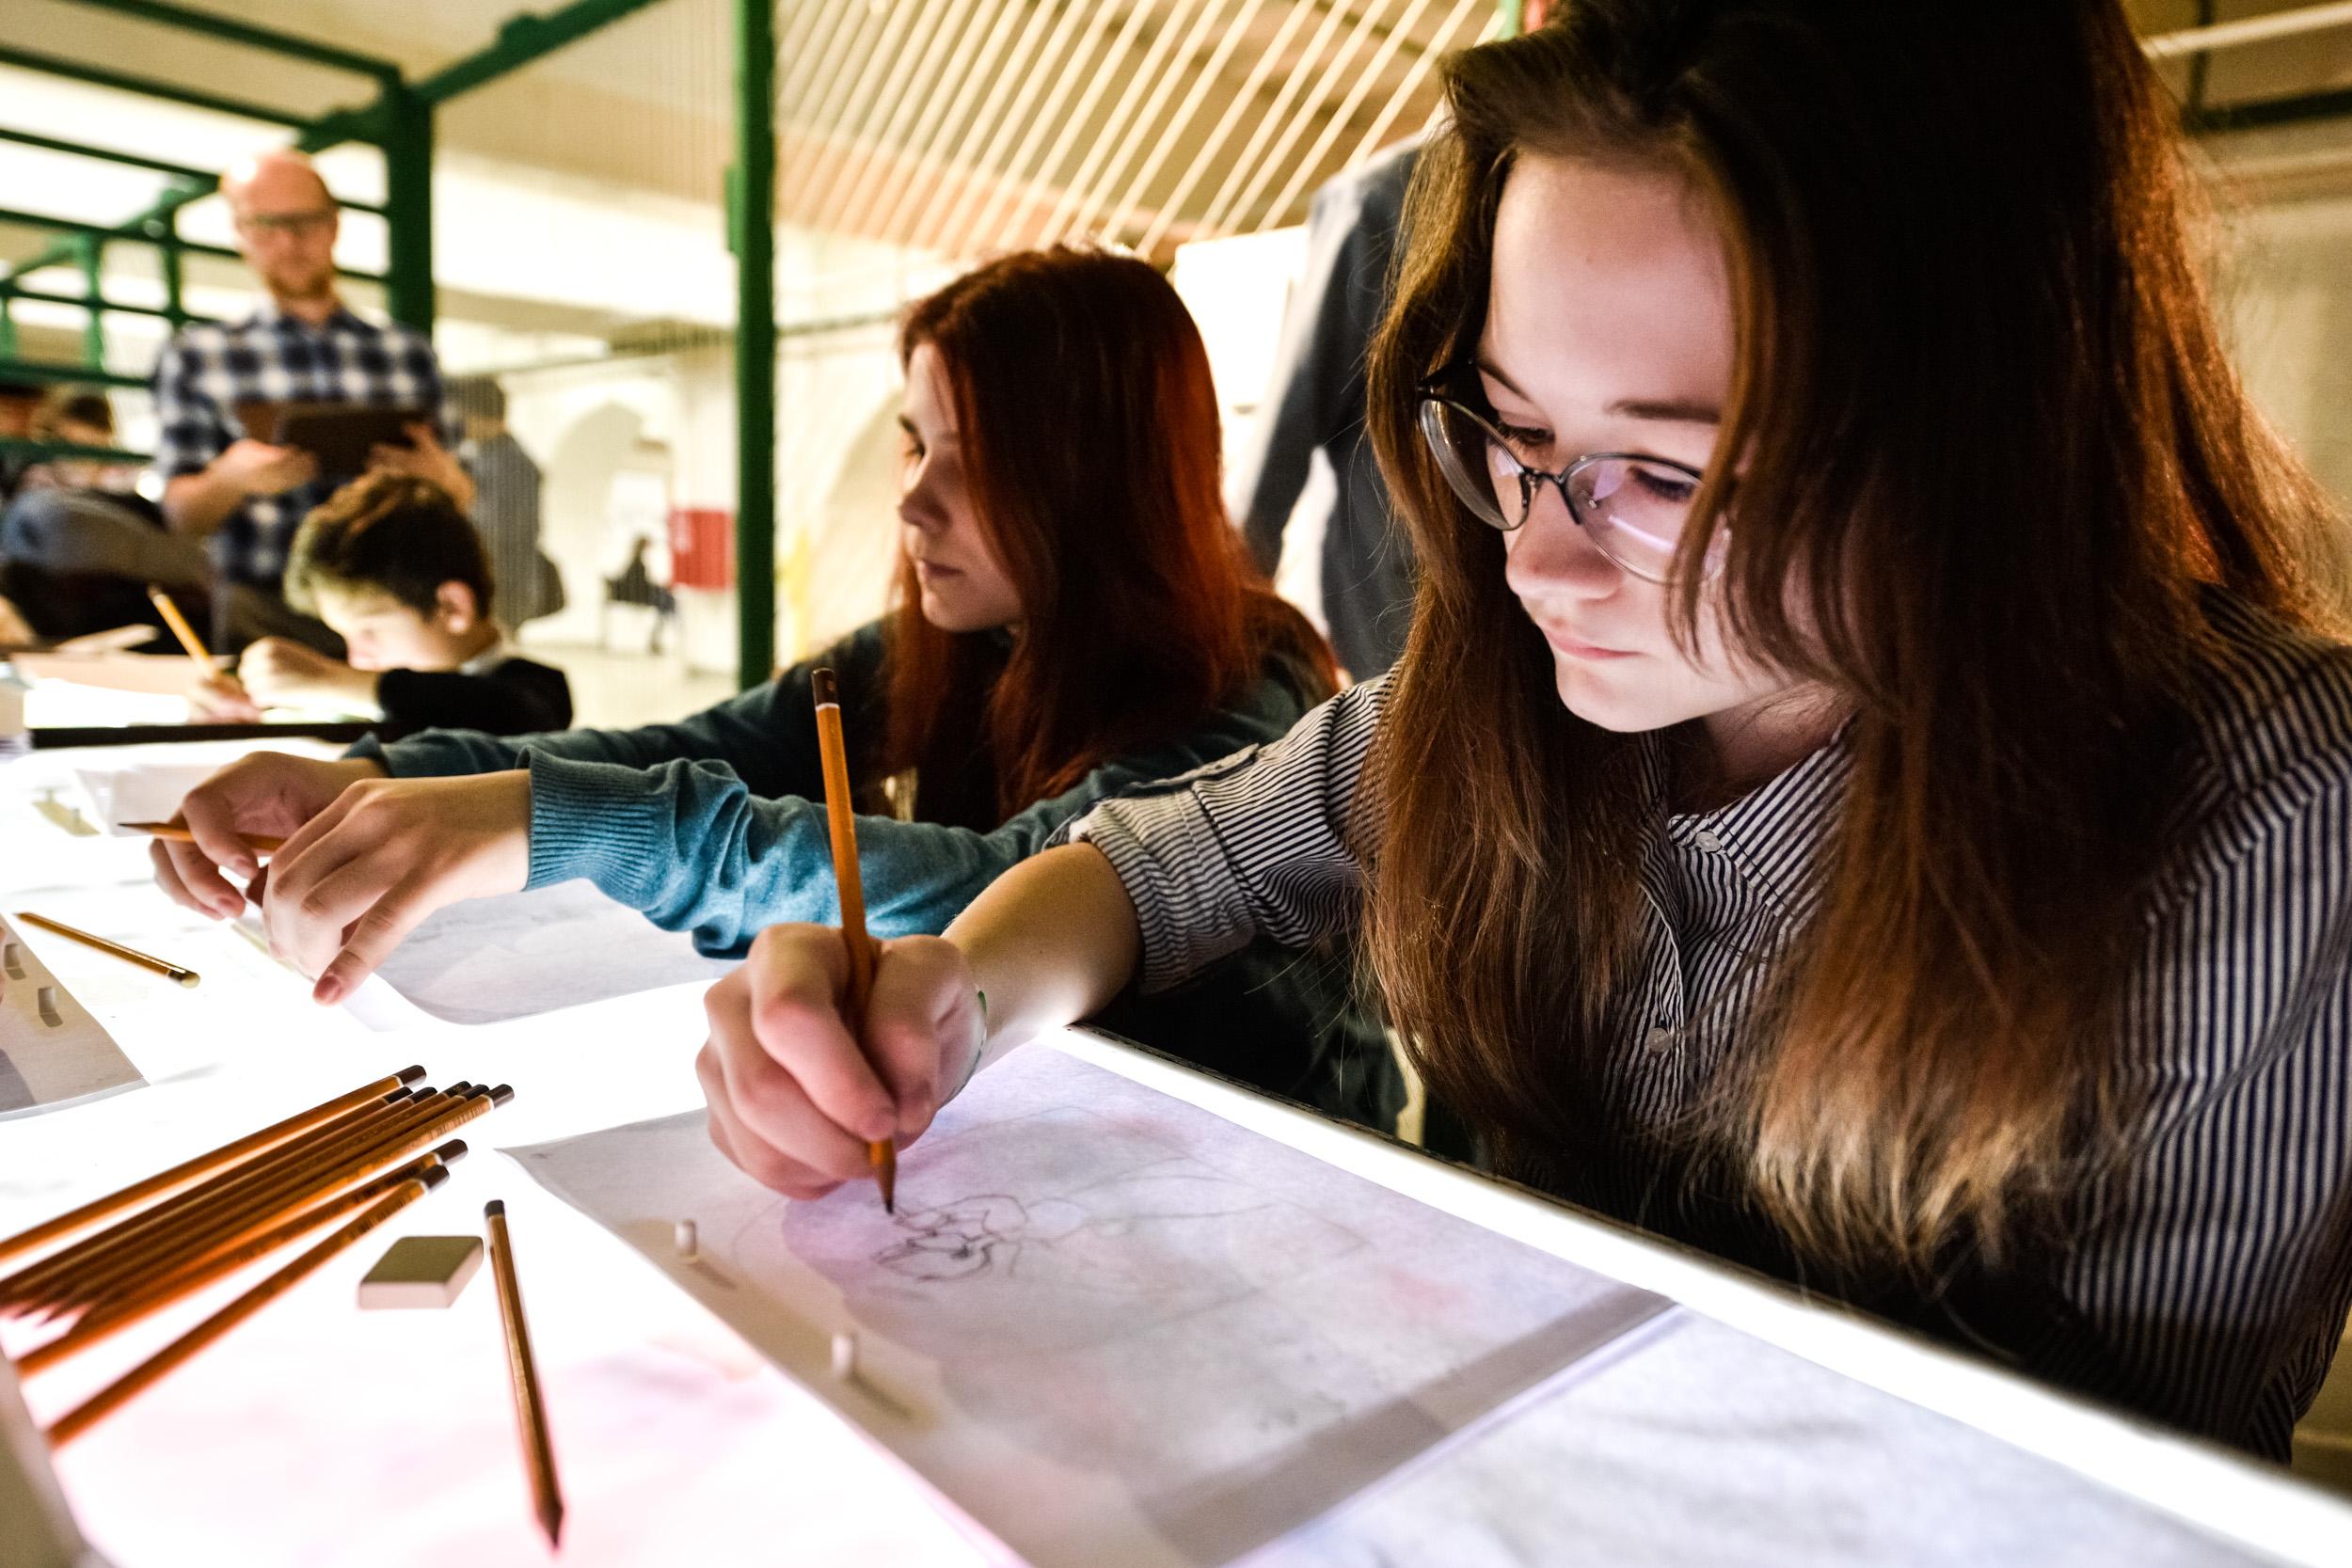 Онлайн-мастер-класс по рисованию проведут в Десеновском